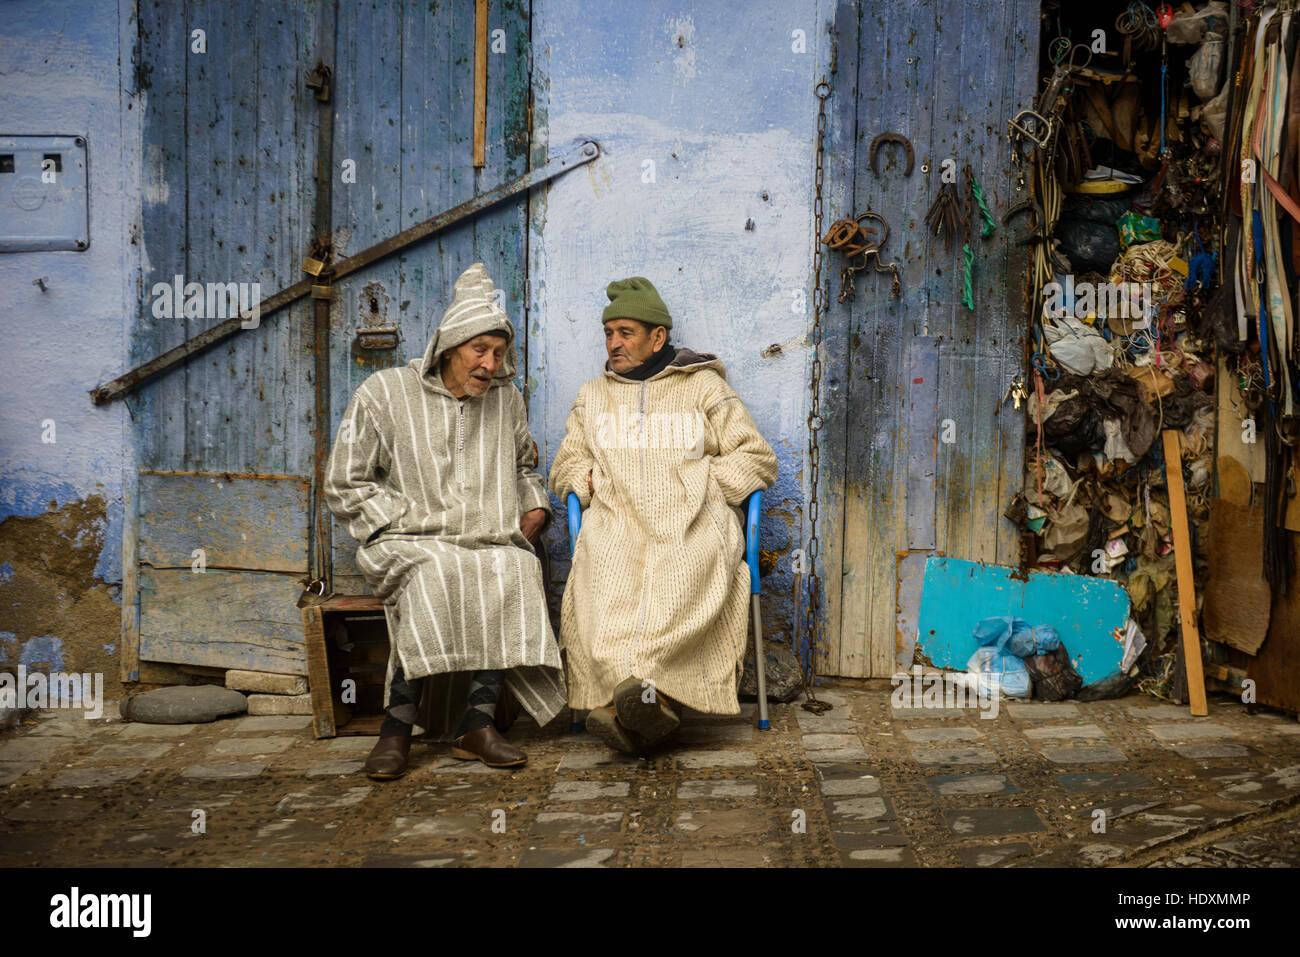 Straßen und Gassen der Medina von Meknes, Marokko Stockbild